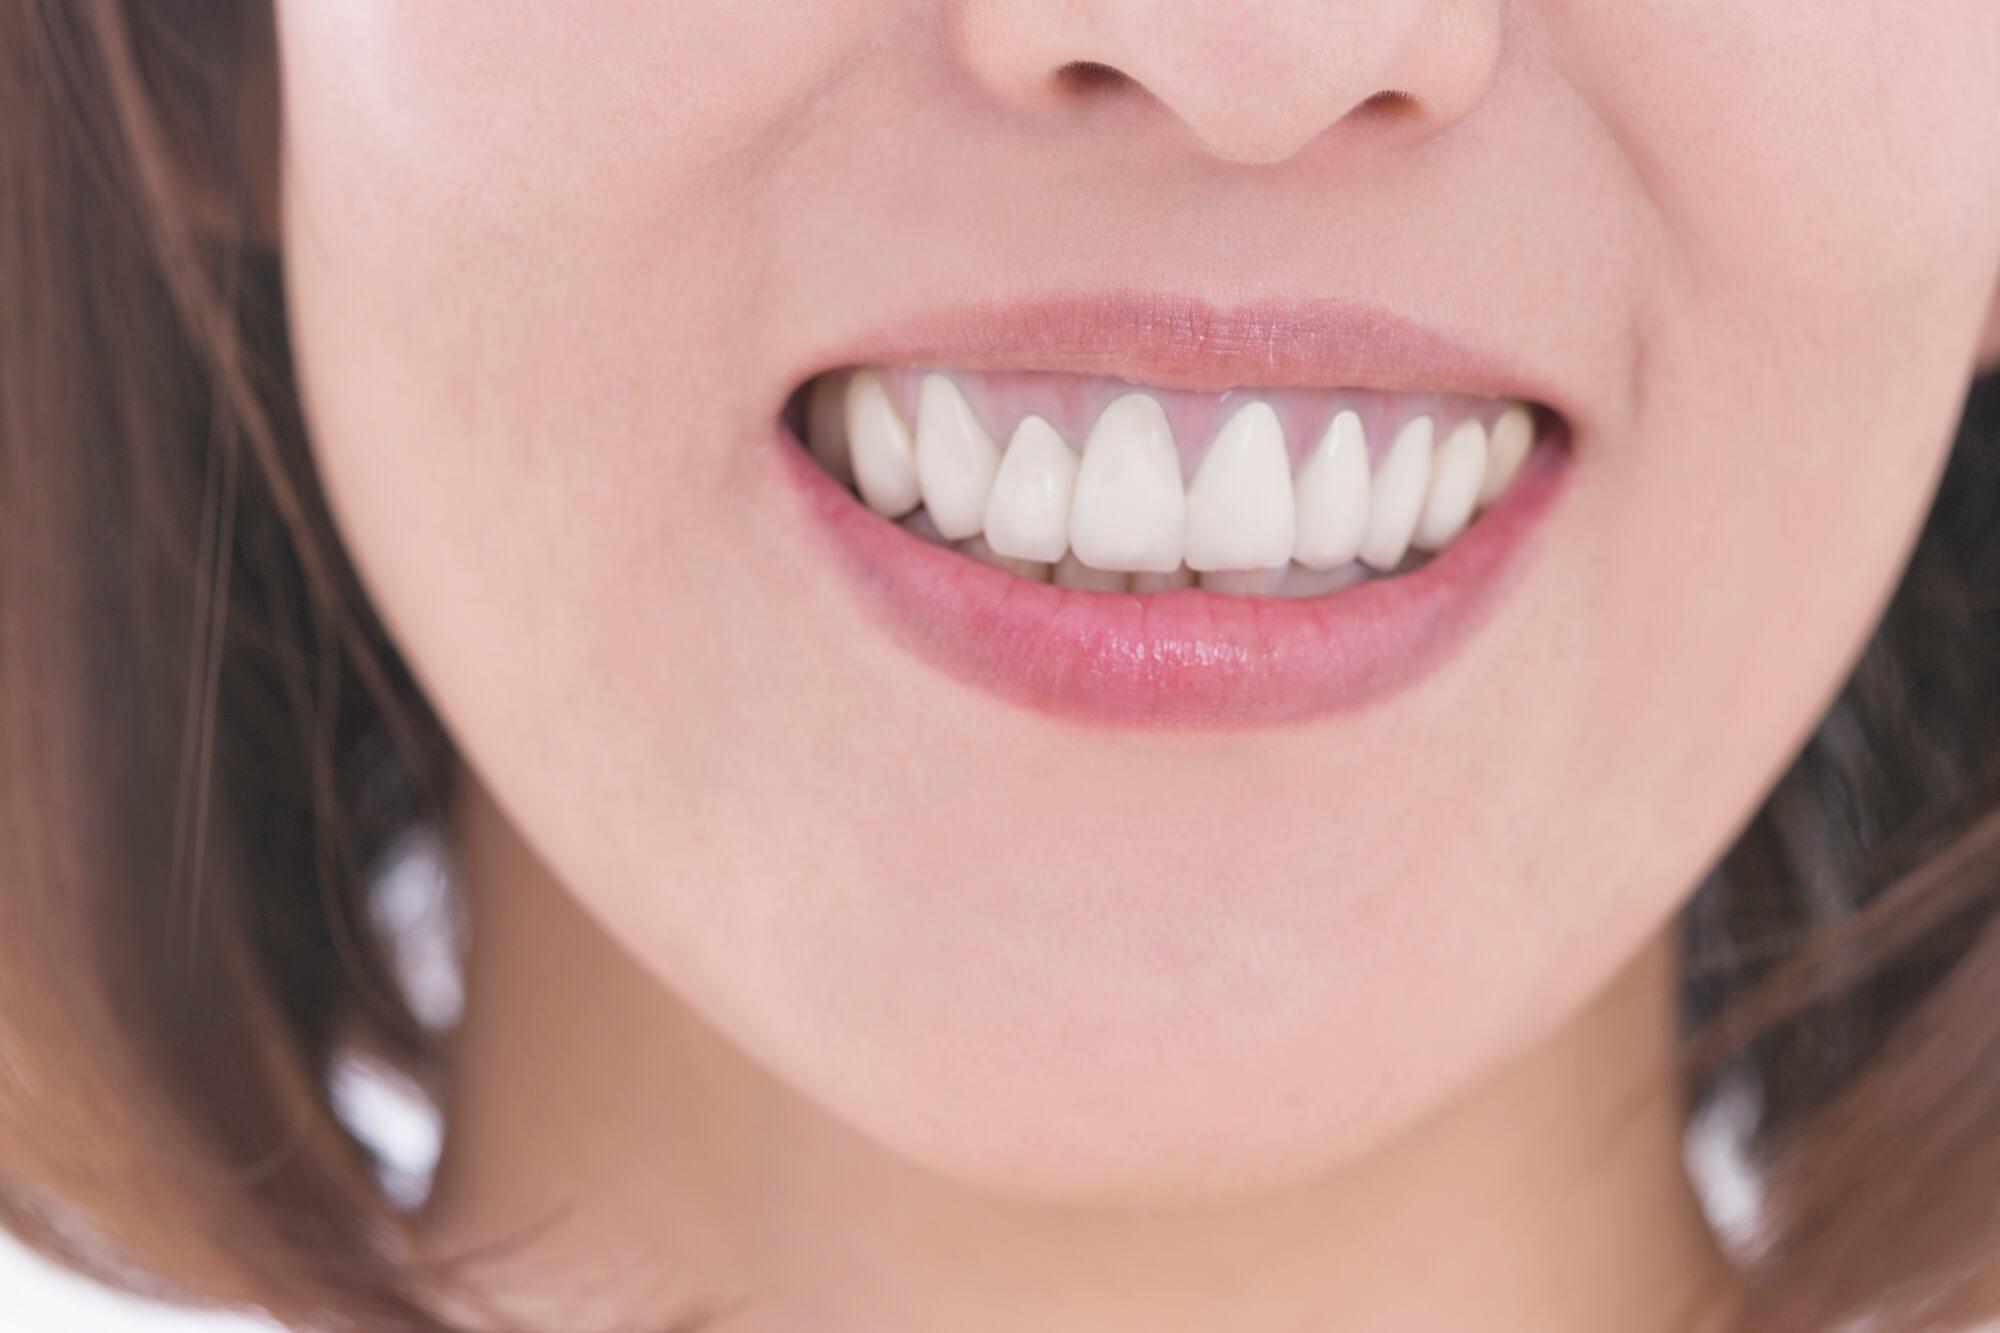 新谷駅の矯正歯科 歯並びのコンプレックスを改善したい方へ